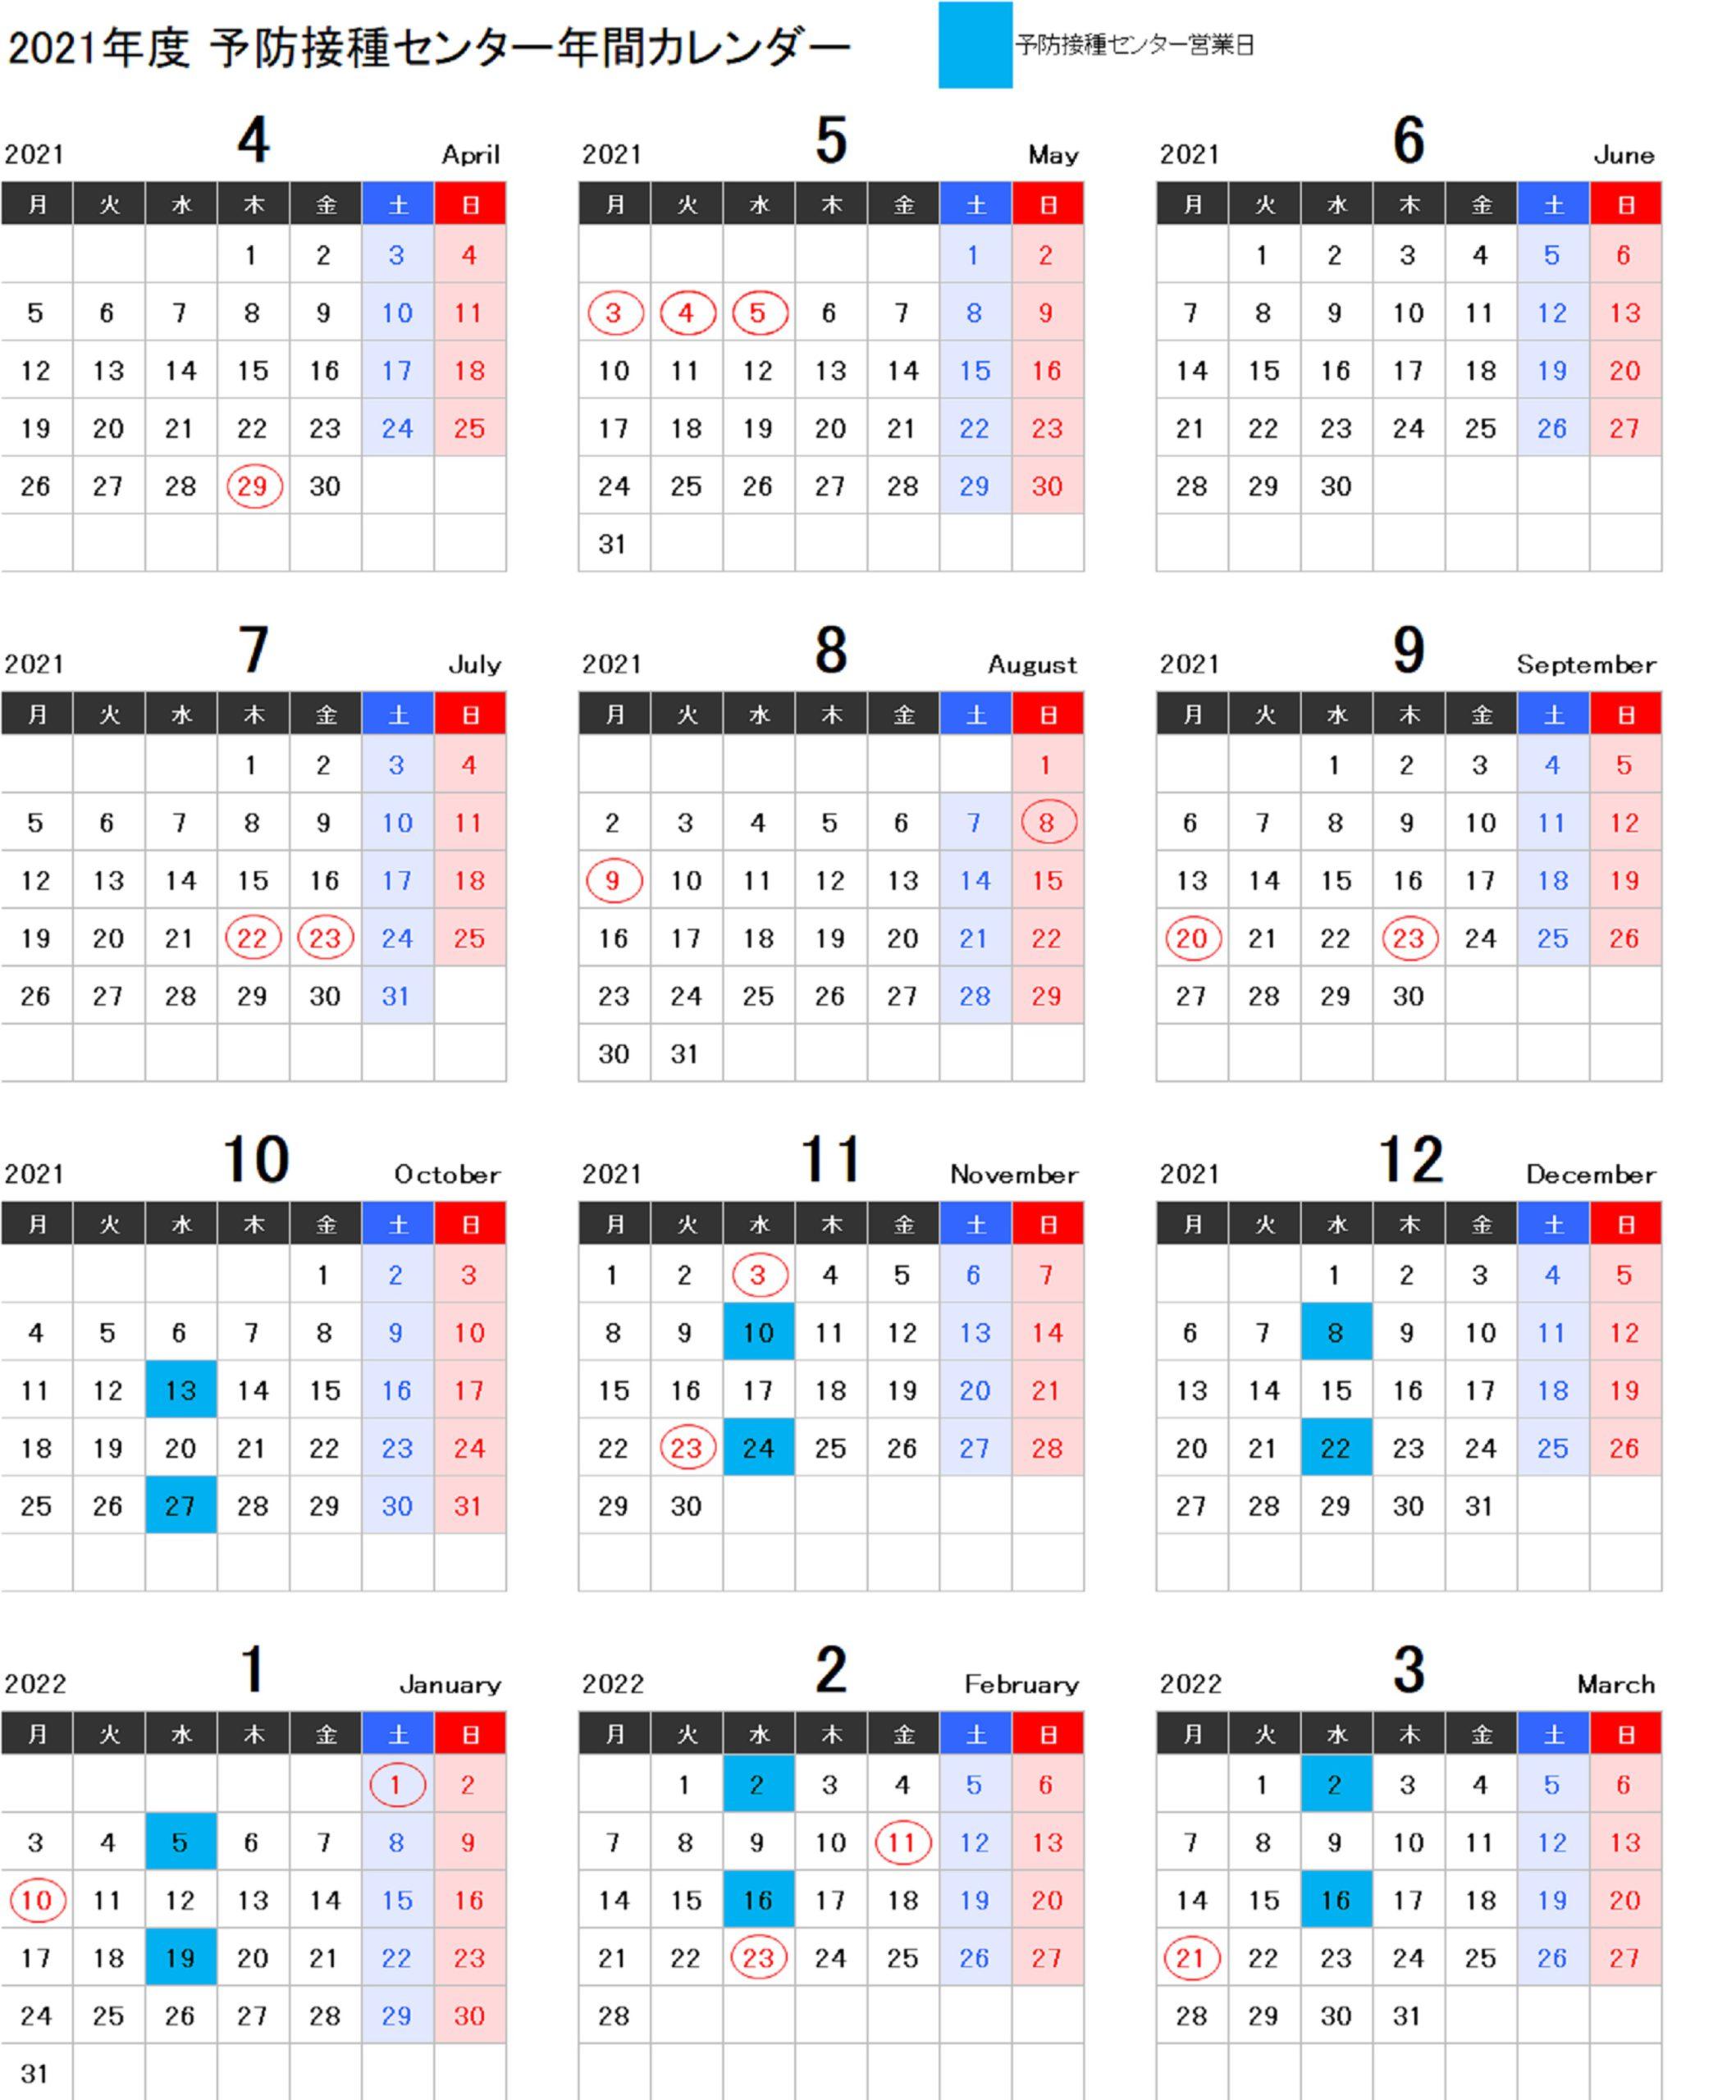 2021年度予防接種センター年間カレンダー